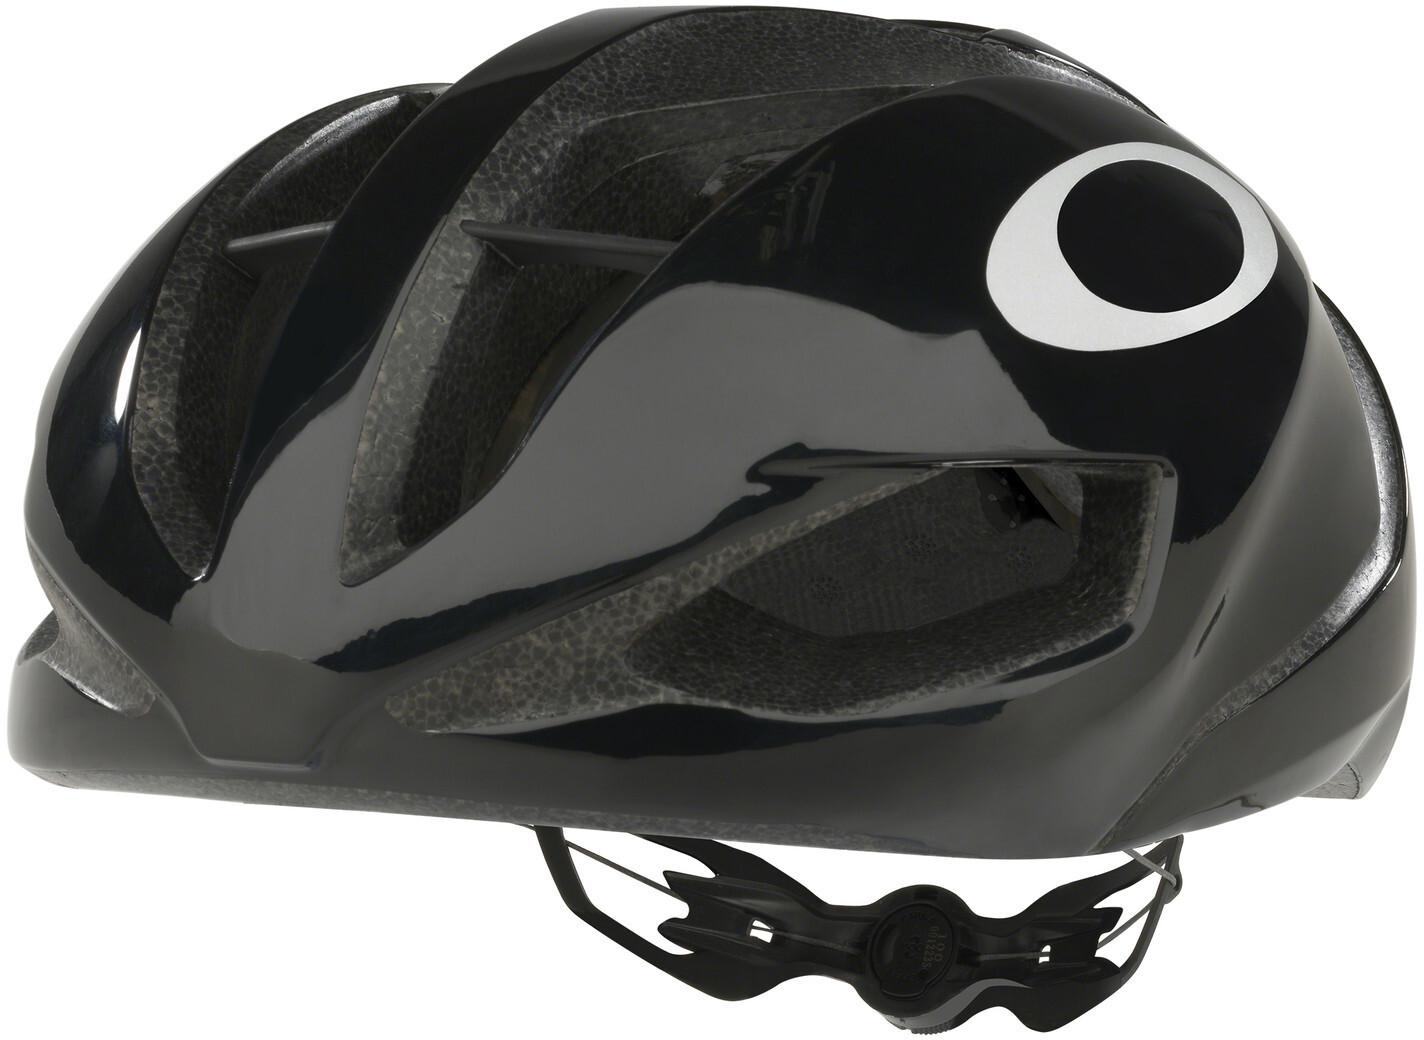 Oakley ARO5 Cykelhjelm, black (2019) | Helmets